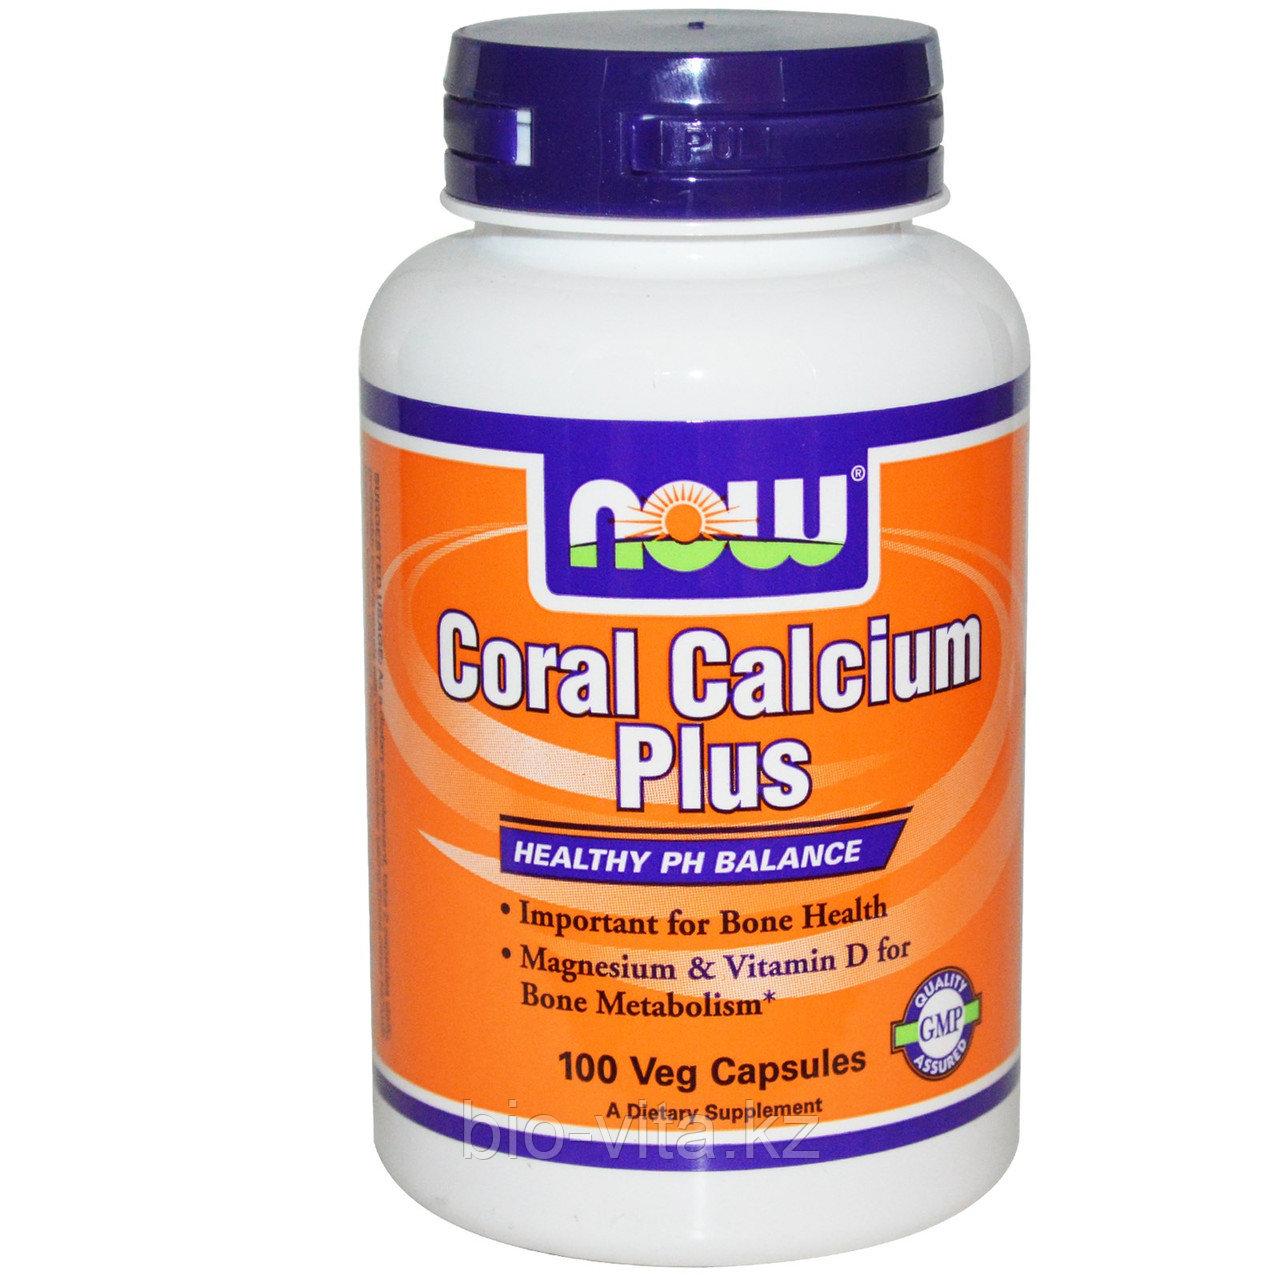 Коралловый кальций Плюс, 100 капсул в растительной оболочке. Now Foods